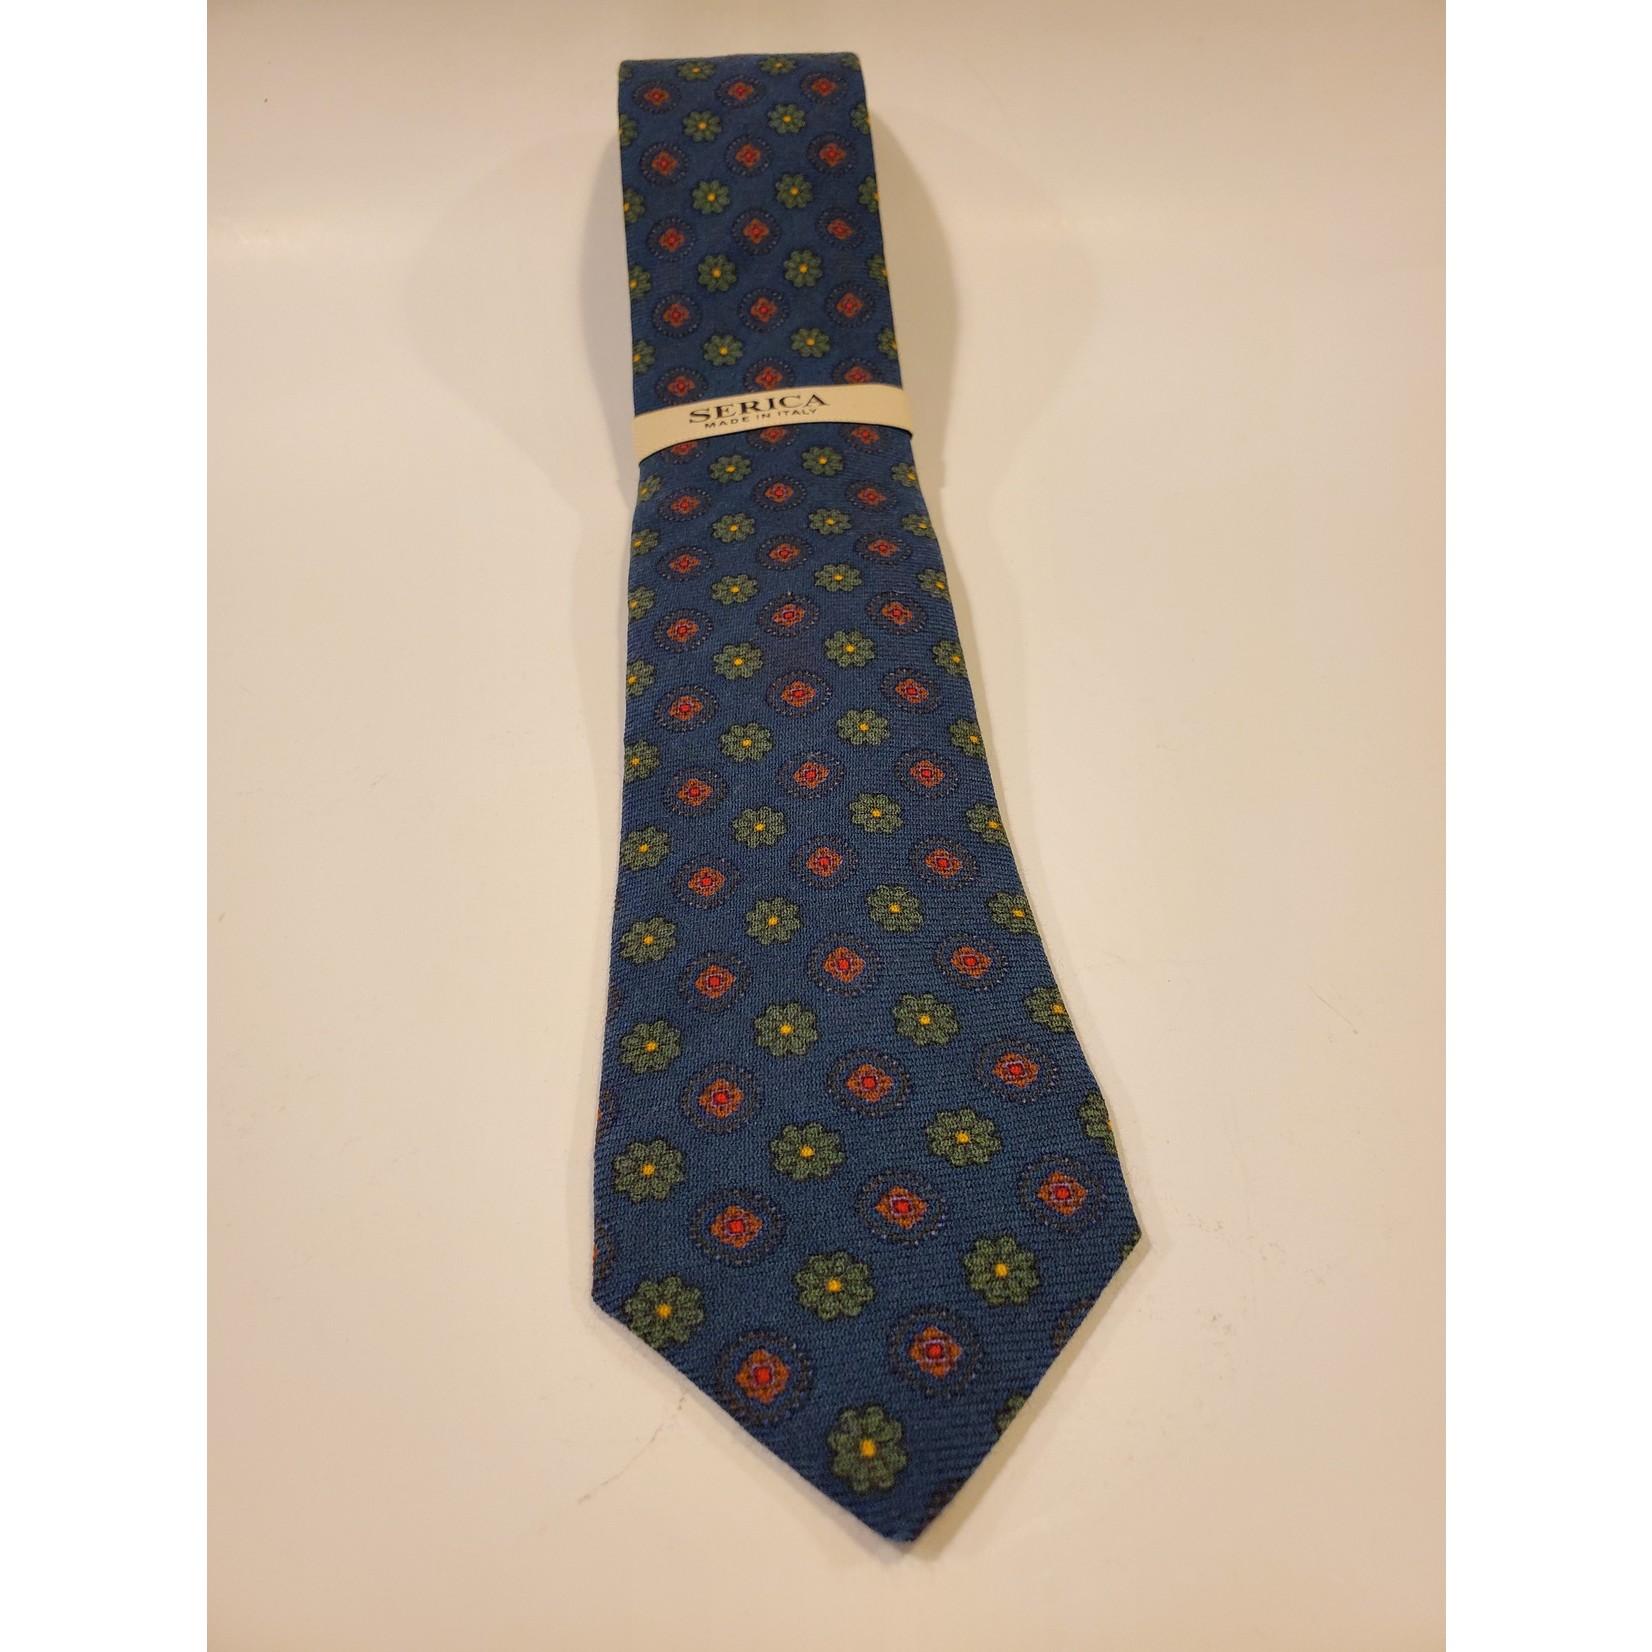 Serica 201954 Printed Wool/ Silk Tie B - Green Geo Floral Pattern